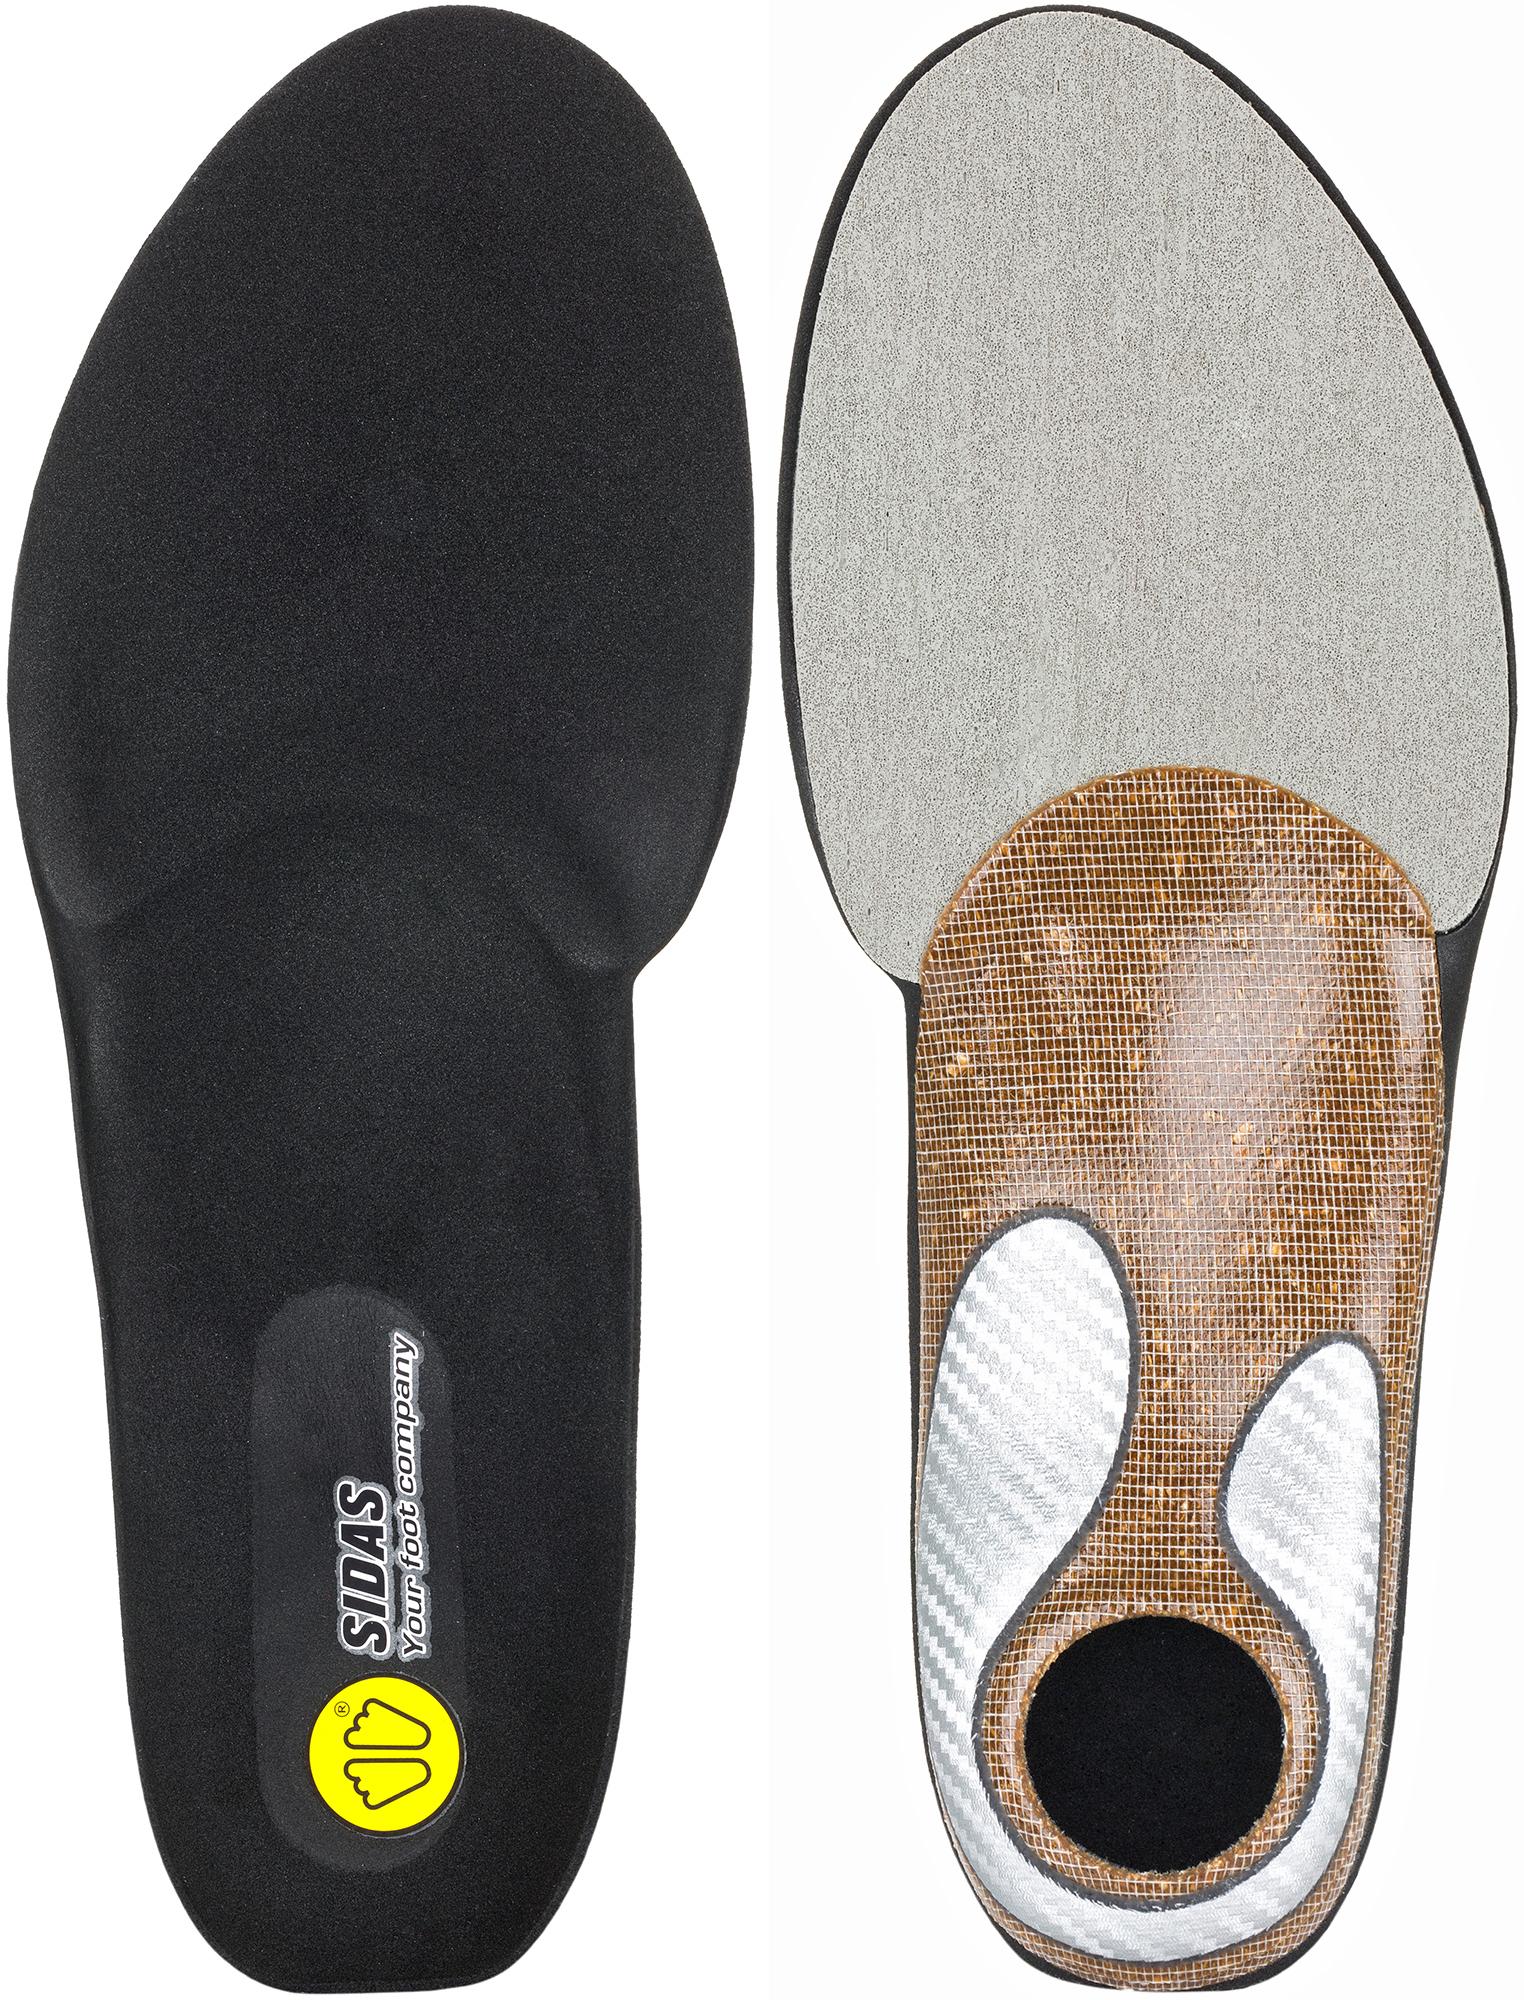 Sidas Стельки Run + Slim для узкой обуви Flash Fit, размер 42-43